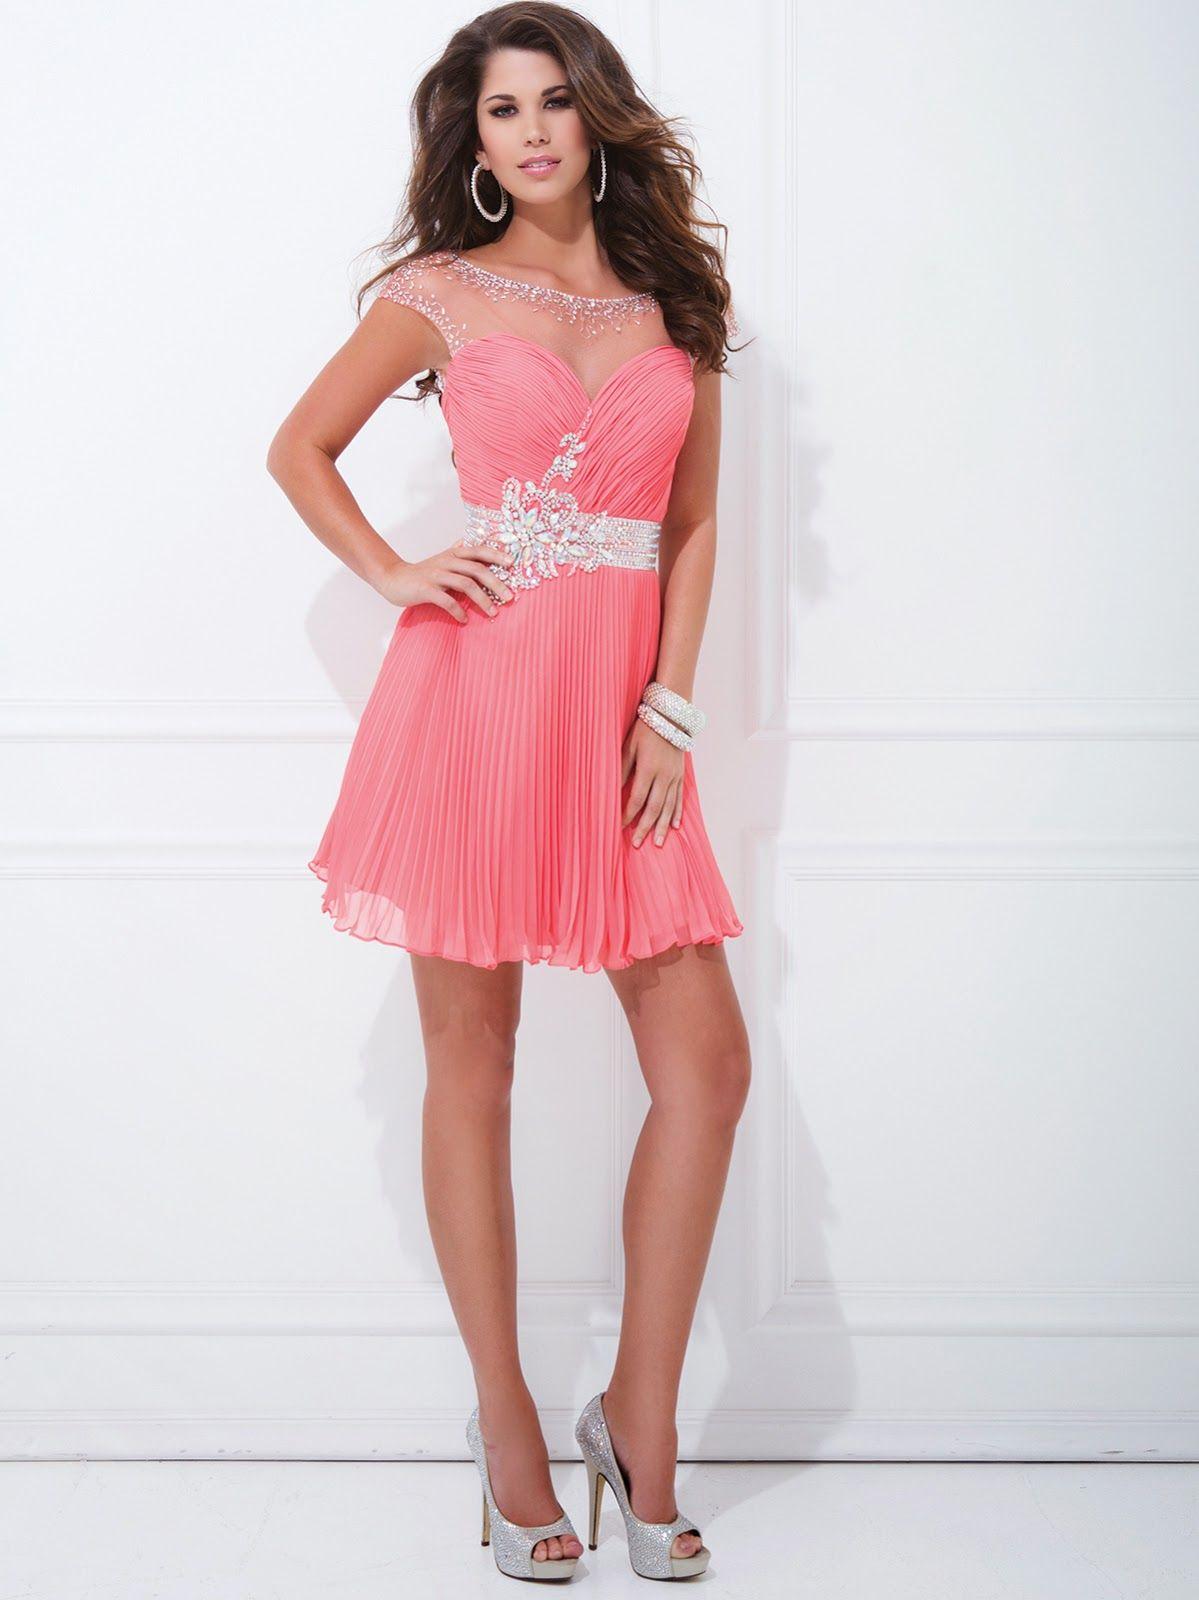 Increibles vestidos de fiesta baratos | Vestidos de fiesta ...